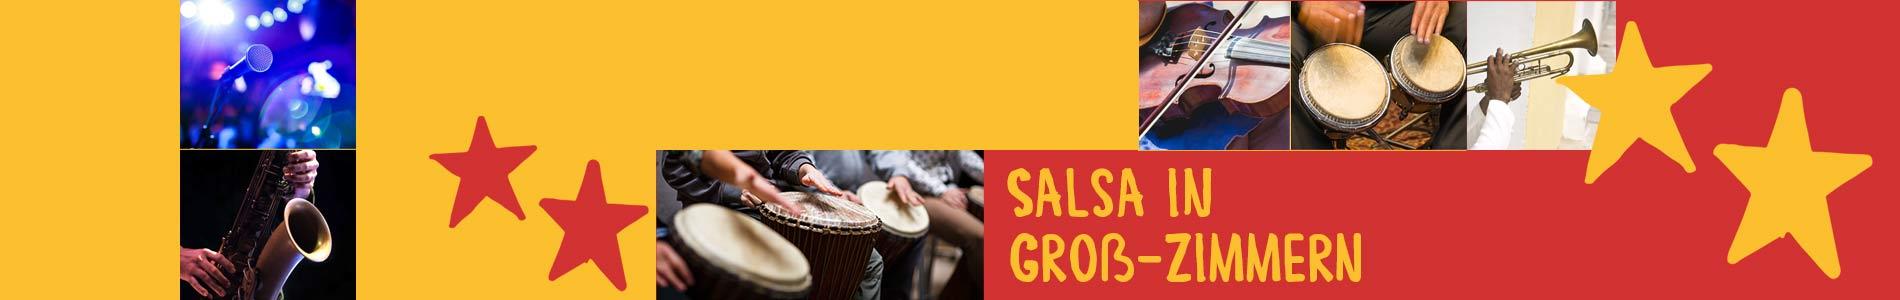 Salsa in Groß-Zimmern – Salsa lernen und tanzen, Tanzkurse, Partys, Veranstaltungen